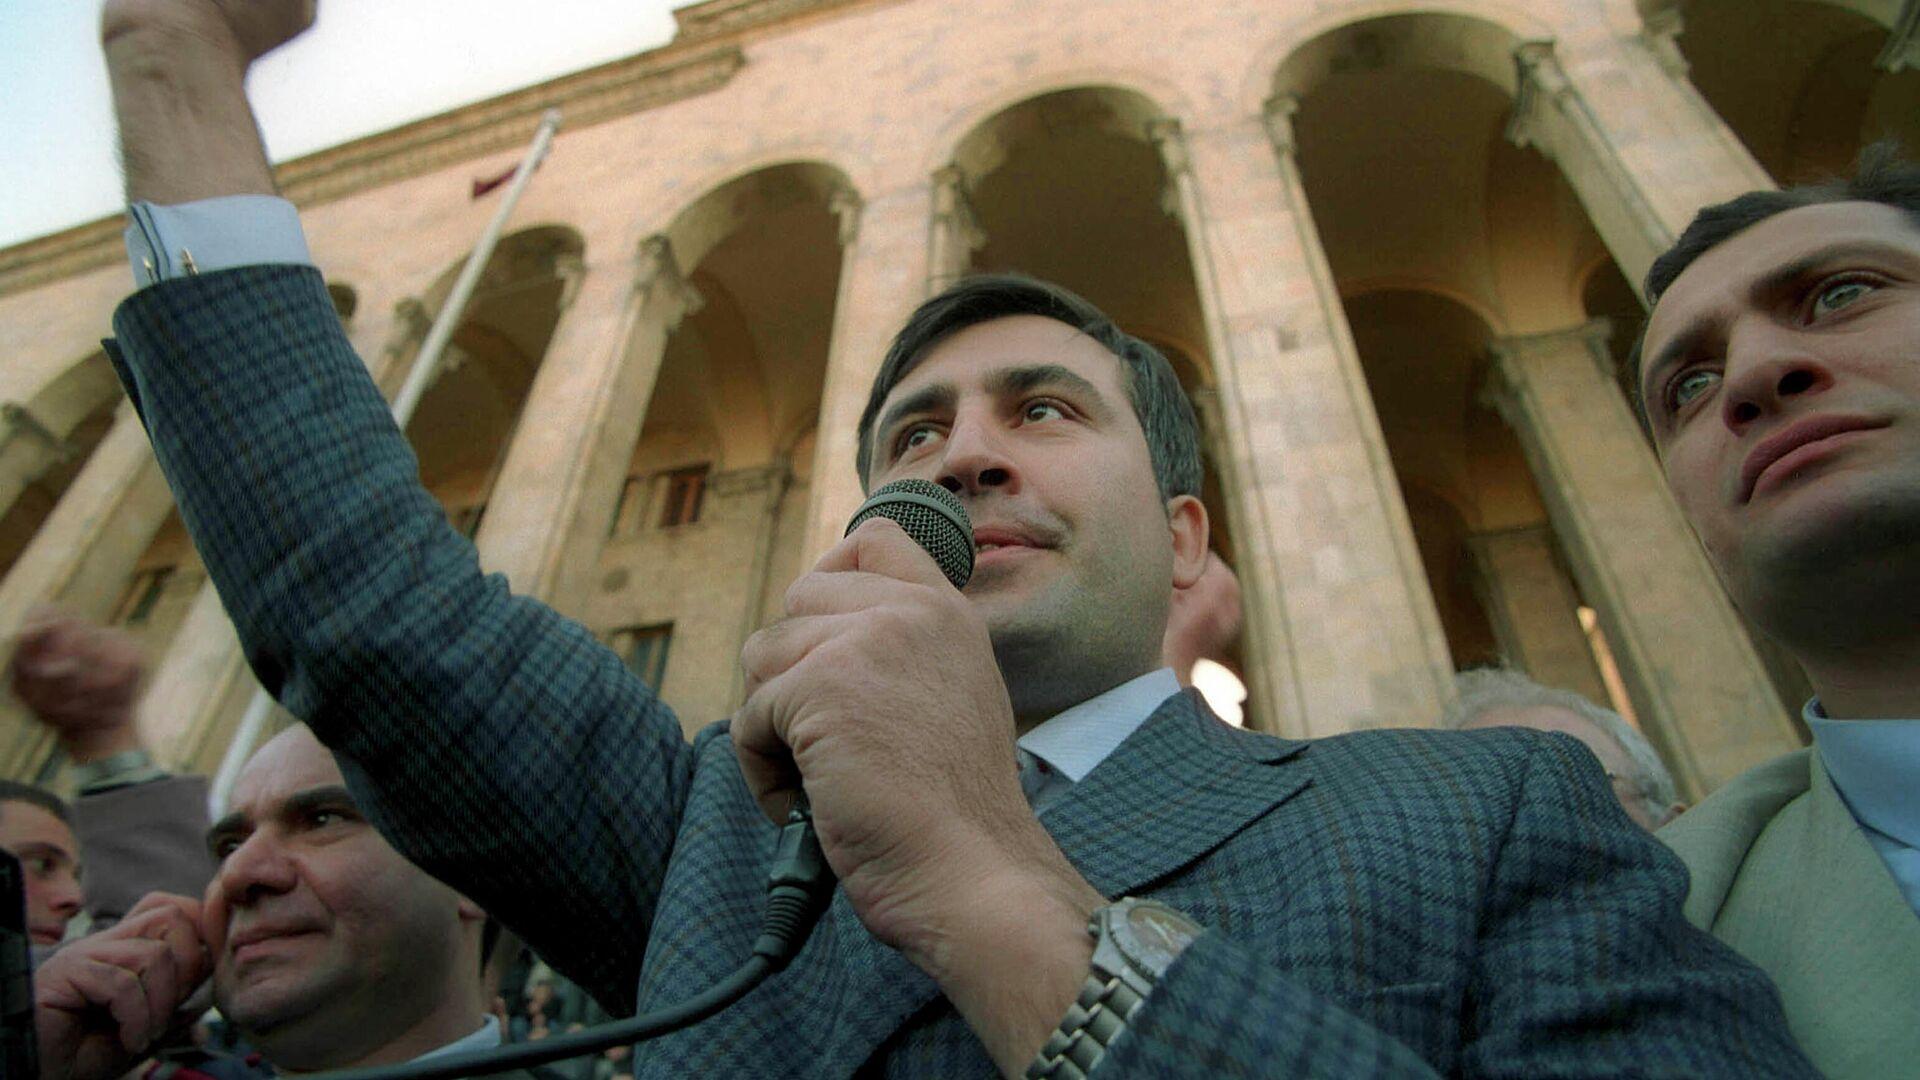 Михаил Саакашвили на митинге 22-23 ноября 2003 года в Тбилиси - РИА Новости, 1920, 23.09.2021